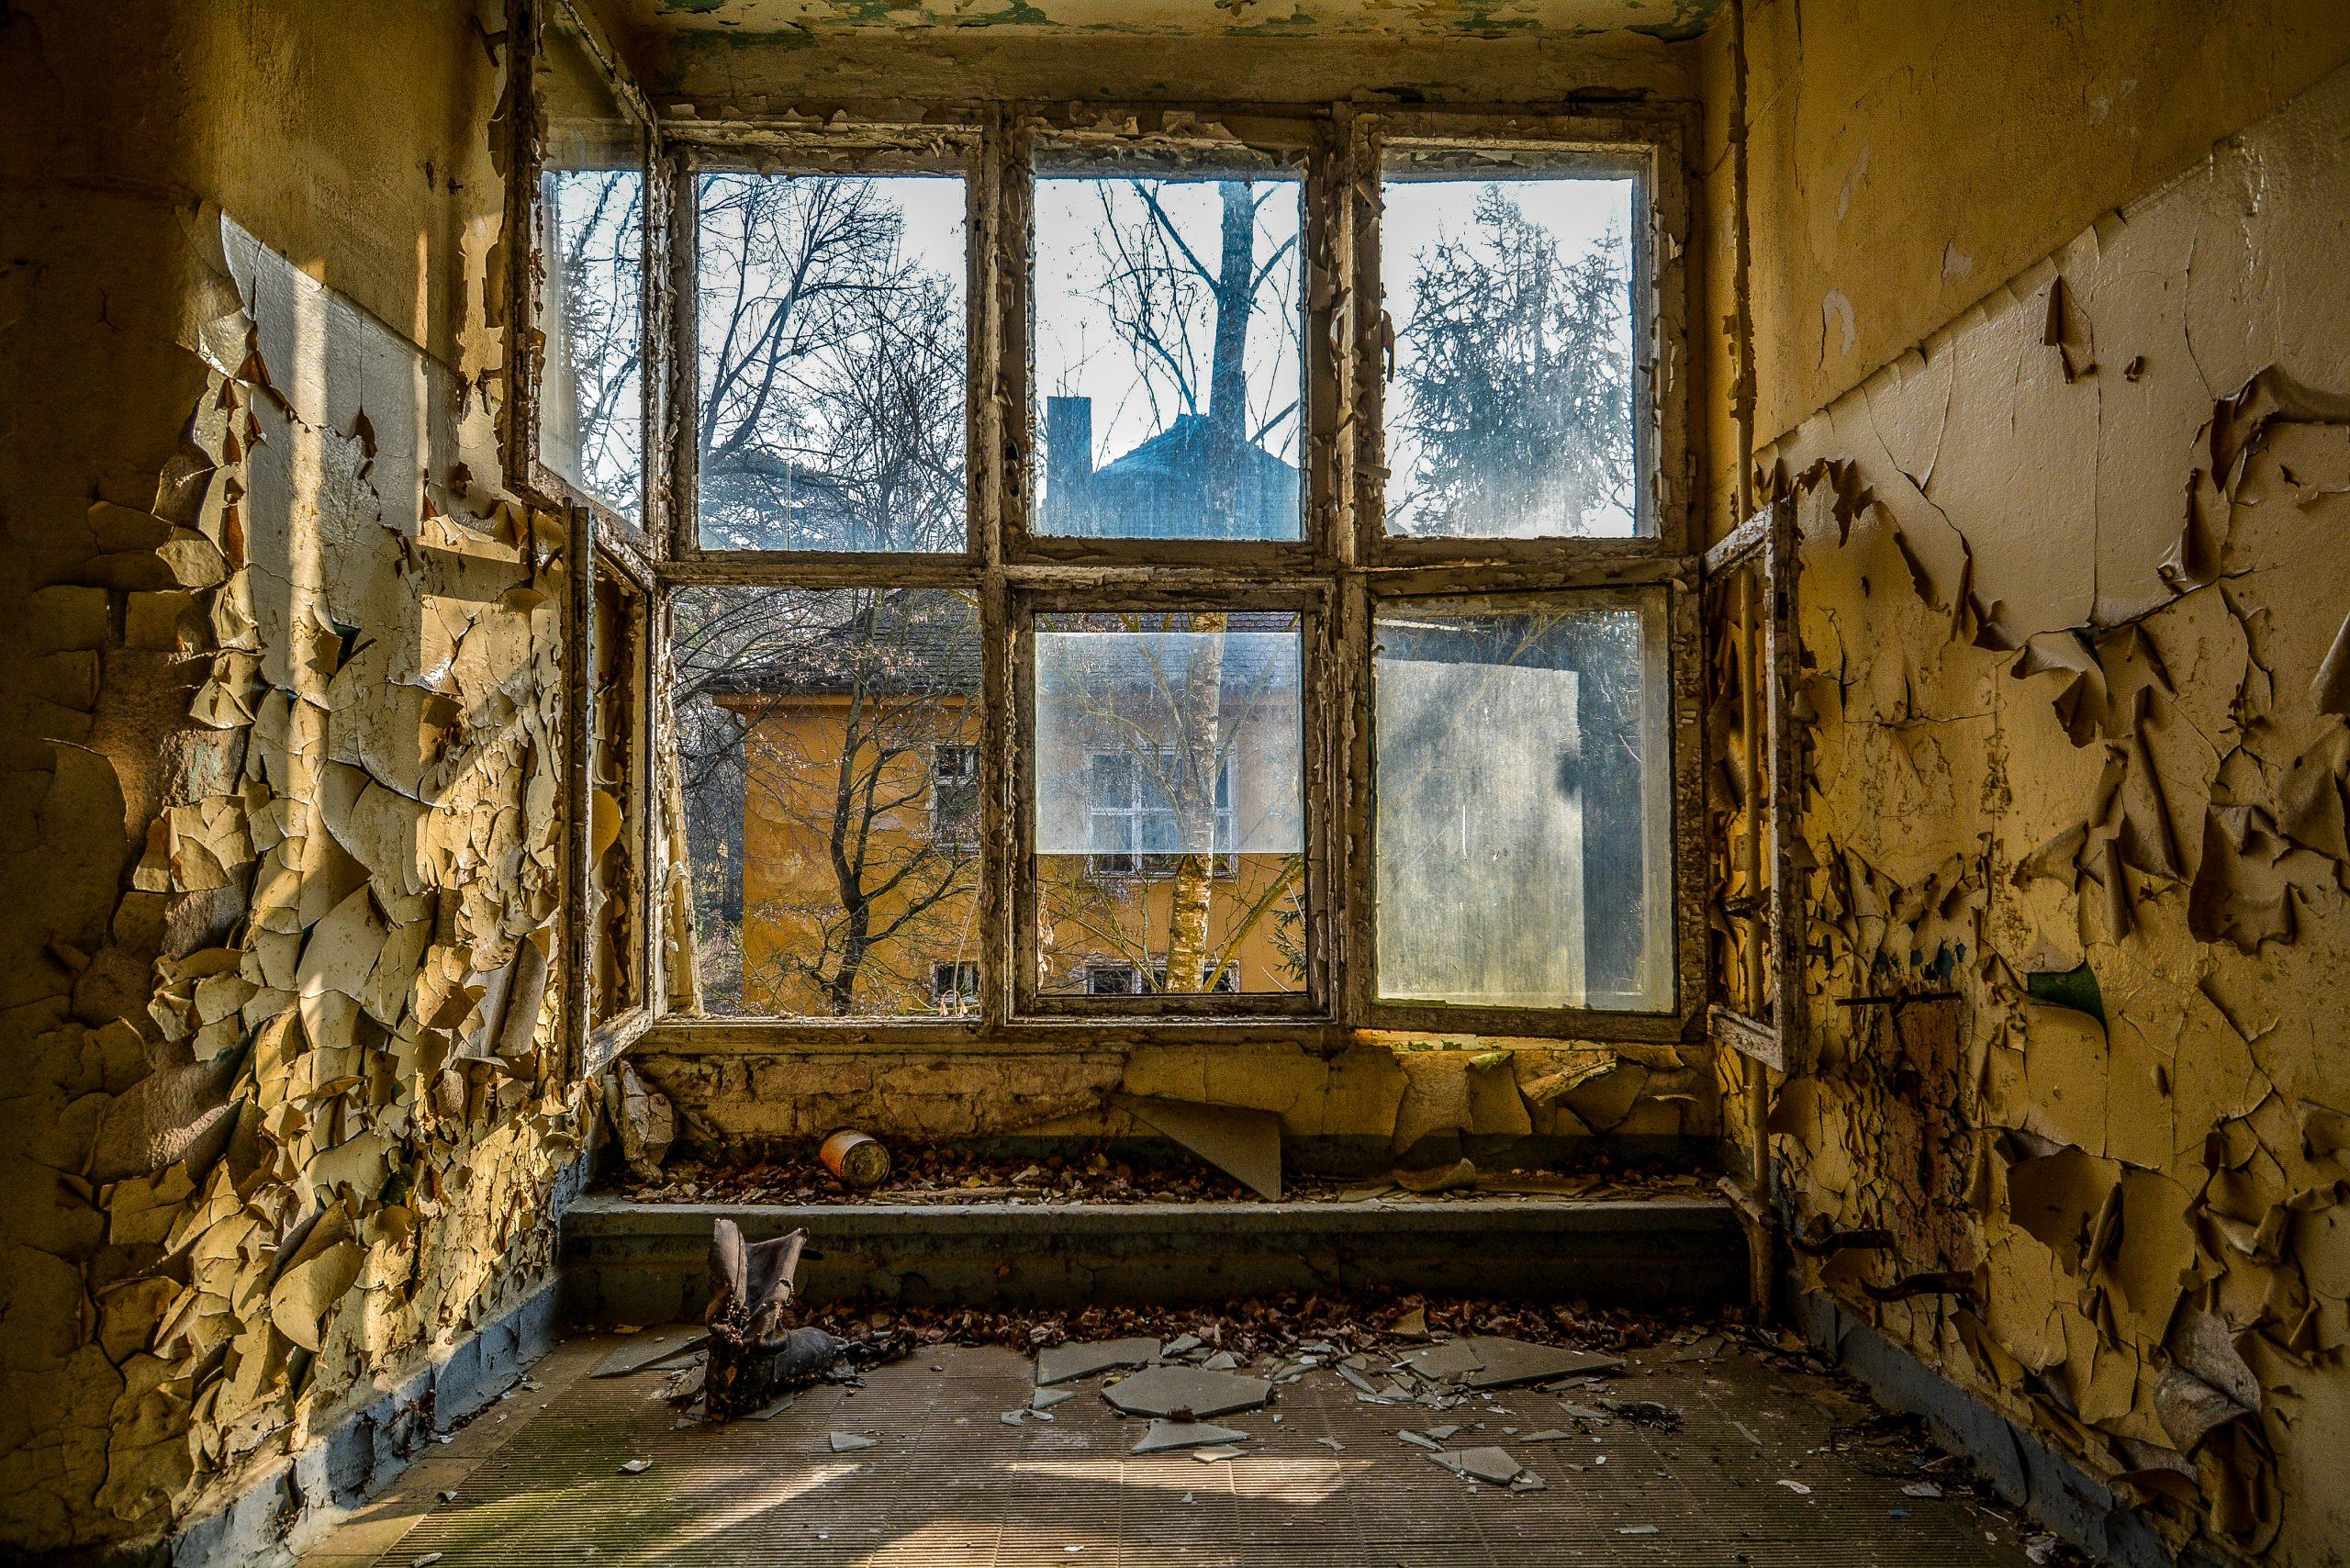 window soviet boot forst zinna adolf hitler lager luckenwalde juterbog sowjet kaserne soviet military barracks germany lost places urbex abandoned